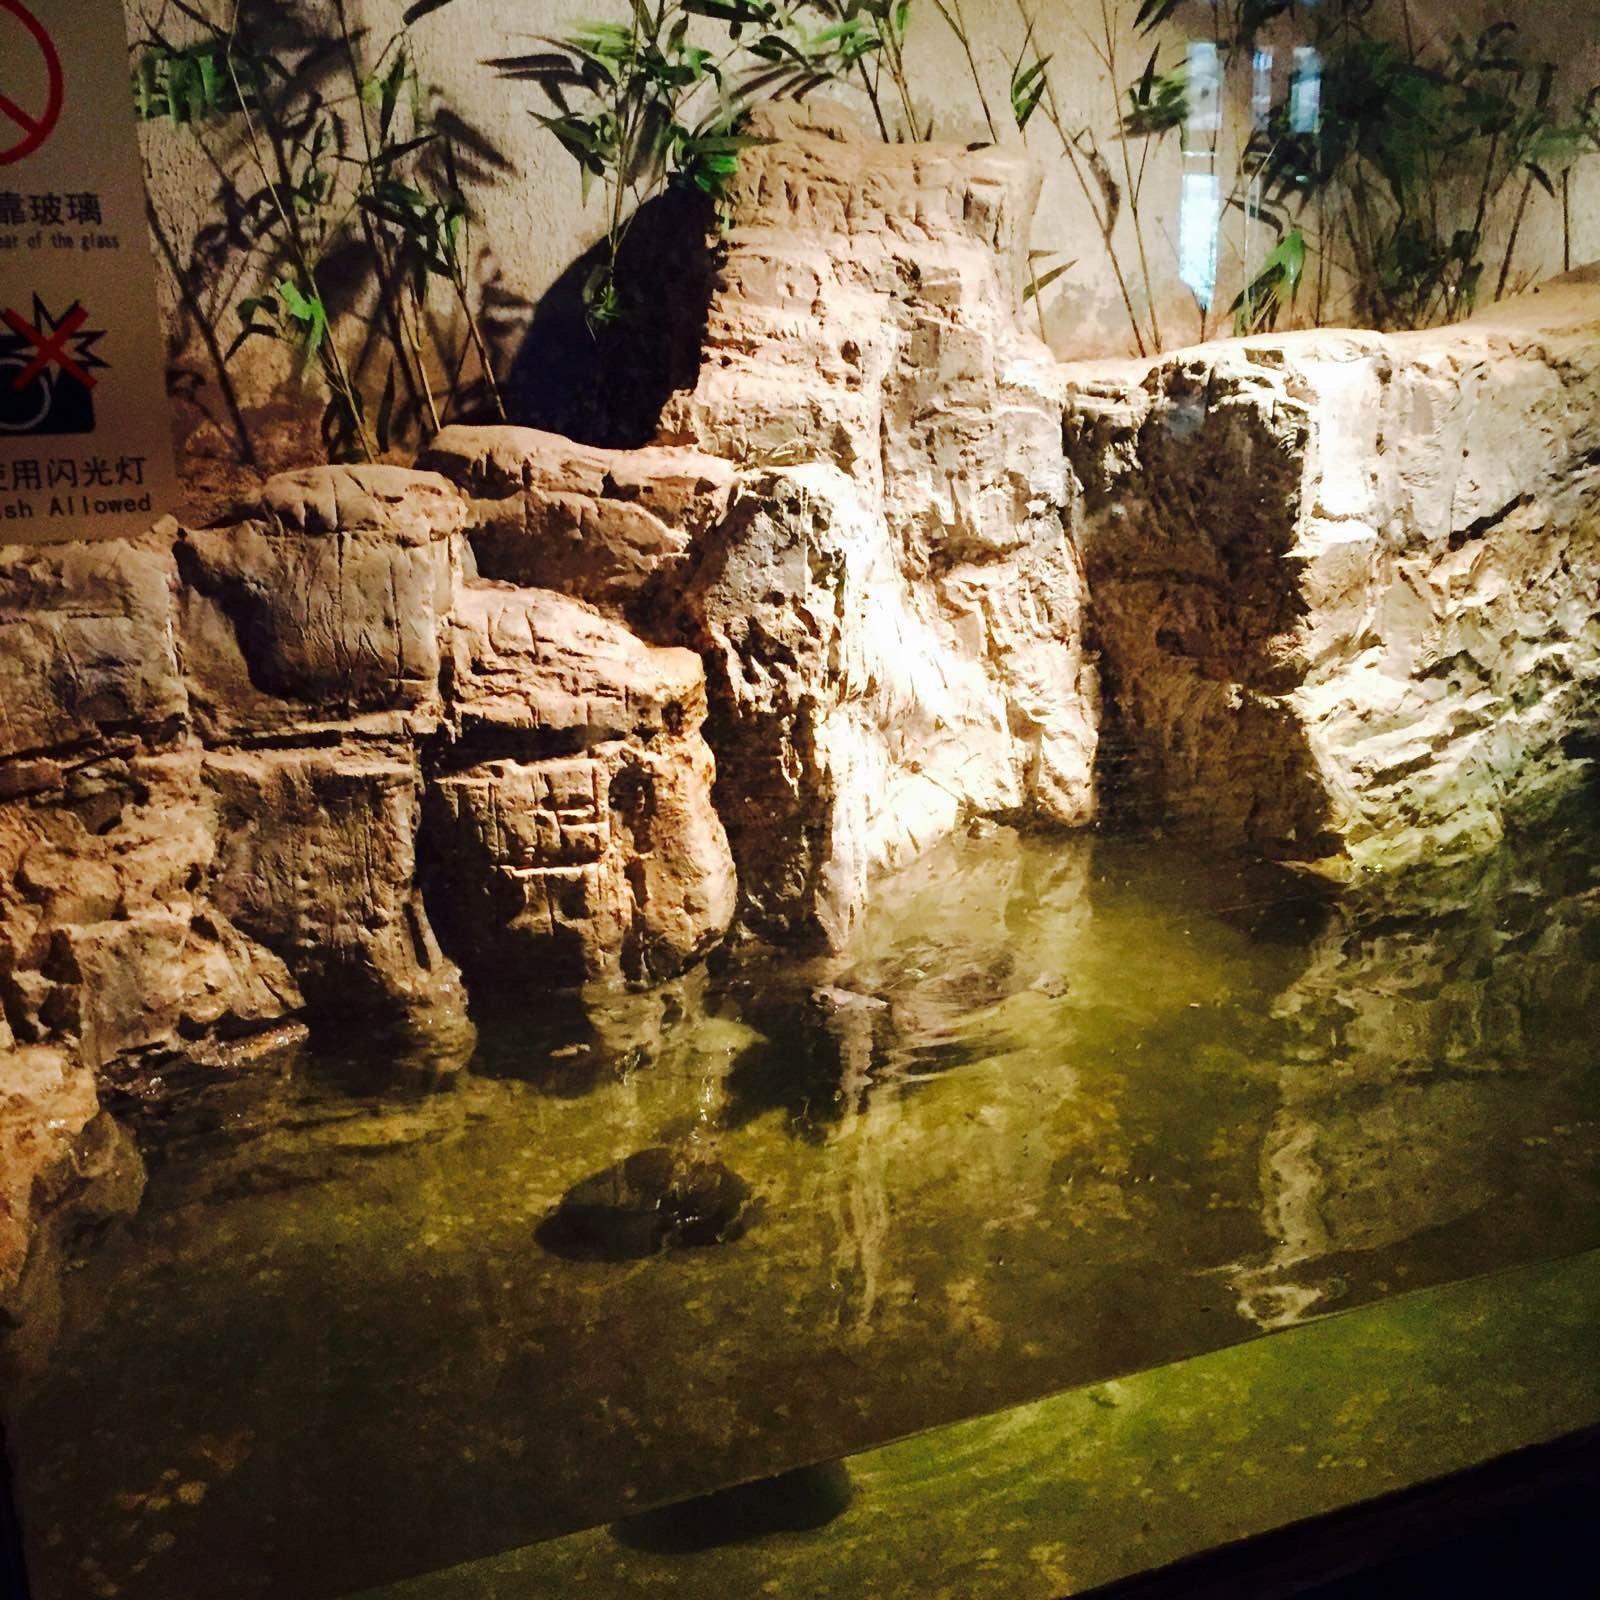 北京动物园位于北京市西城区西直门外大街,占地面积约86公顷,水面8.6公顷。是中国最大的城市动物园,从清光绪三十二年(1906年)至今已有逾百年的历史。 在此安家落户的有中国特产的珍贵动物大熊猫、金丝猴、东北虎、白唇鹿、麋鹿(四不像)、矮种马、丹顶鹤,还有来自世界各地有代表性的动物如非洲的黑猩猩、澳洲的袋鼠、美洲豹、墨西哥海牛、无毛狗、欧洲野牛等。两栖爬虫馆分上下两层楼,内有大小展箱90个,展出世界各地的爬行动物100 多种。